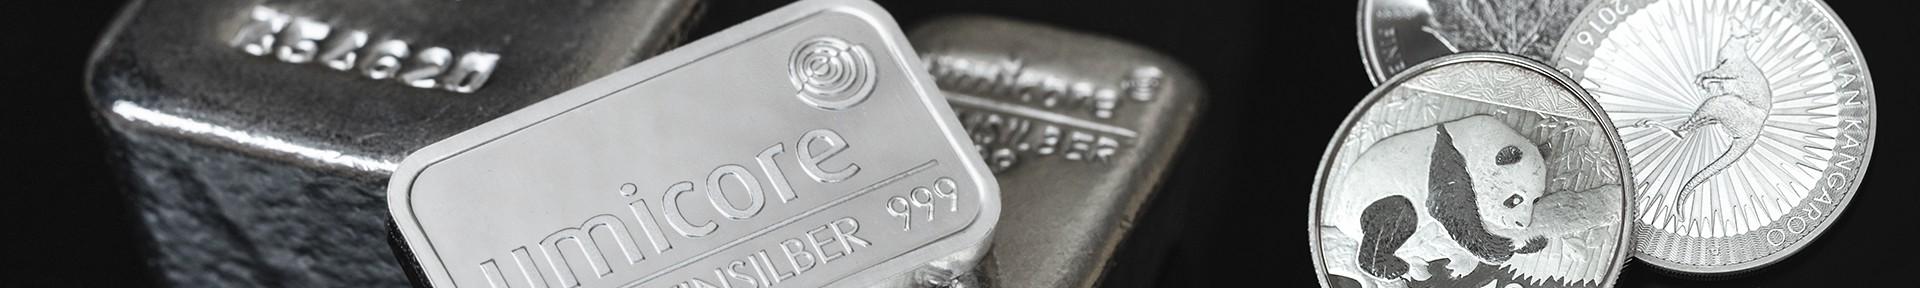 Acheter de l'argent au Comptoir de l'Or